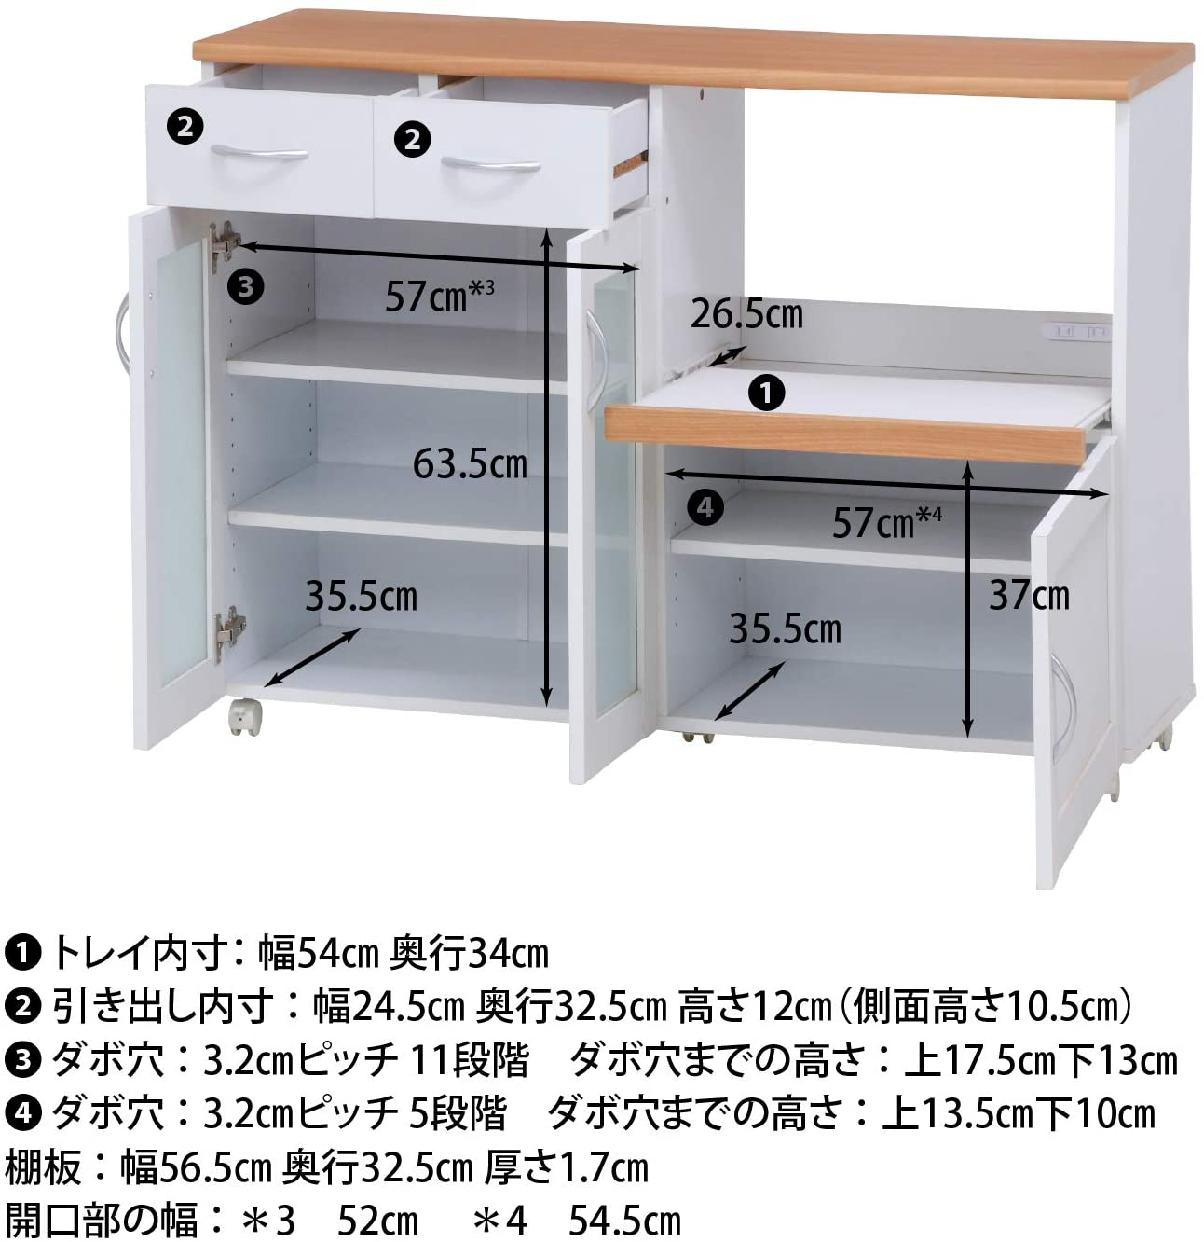 Sage(サージュ)キッチンカウンター 96820 幅120cmの商品画像4